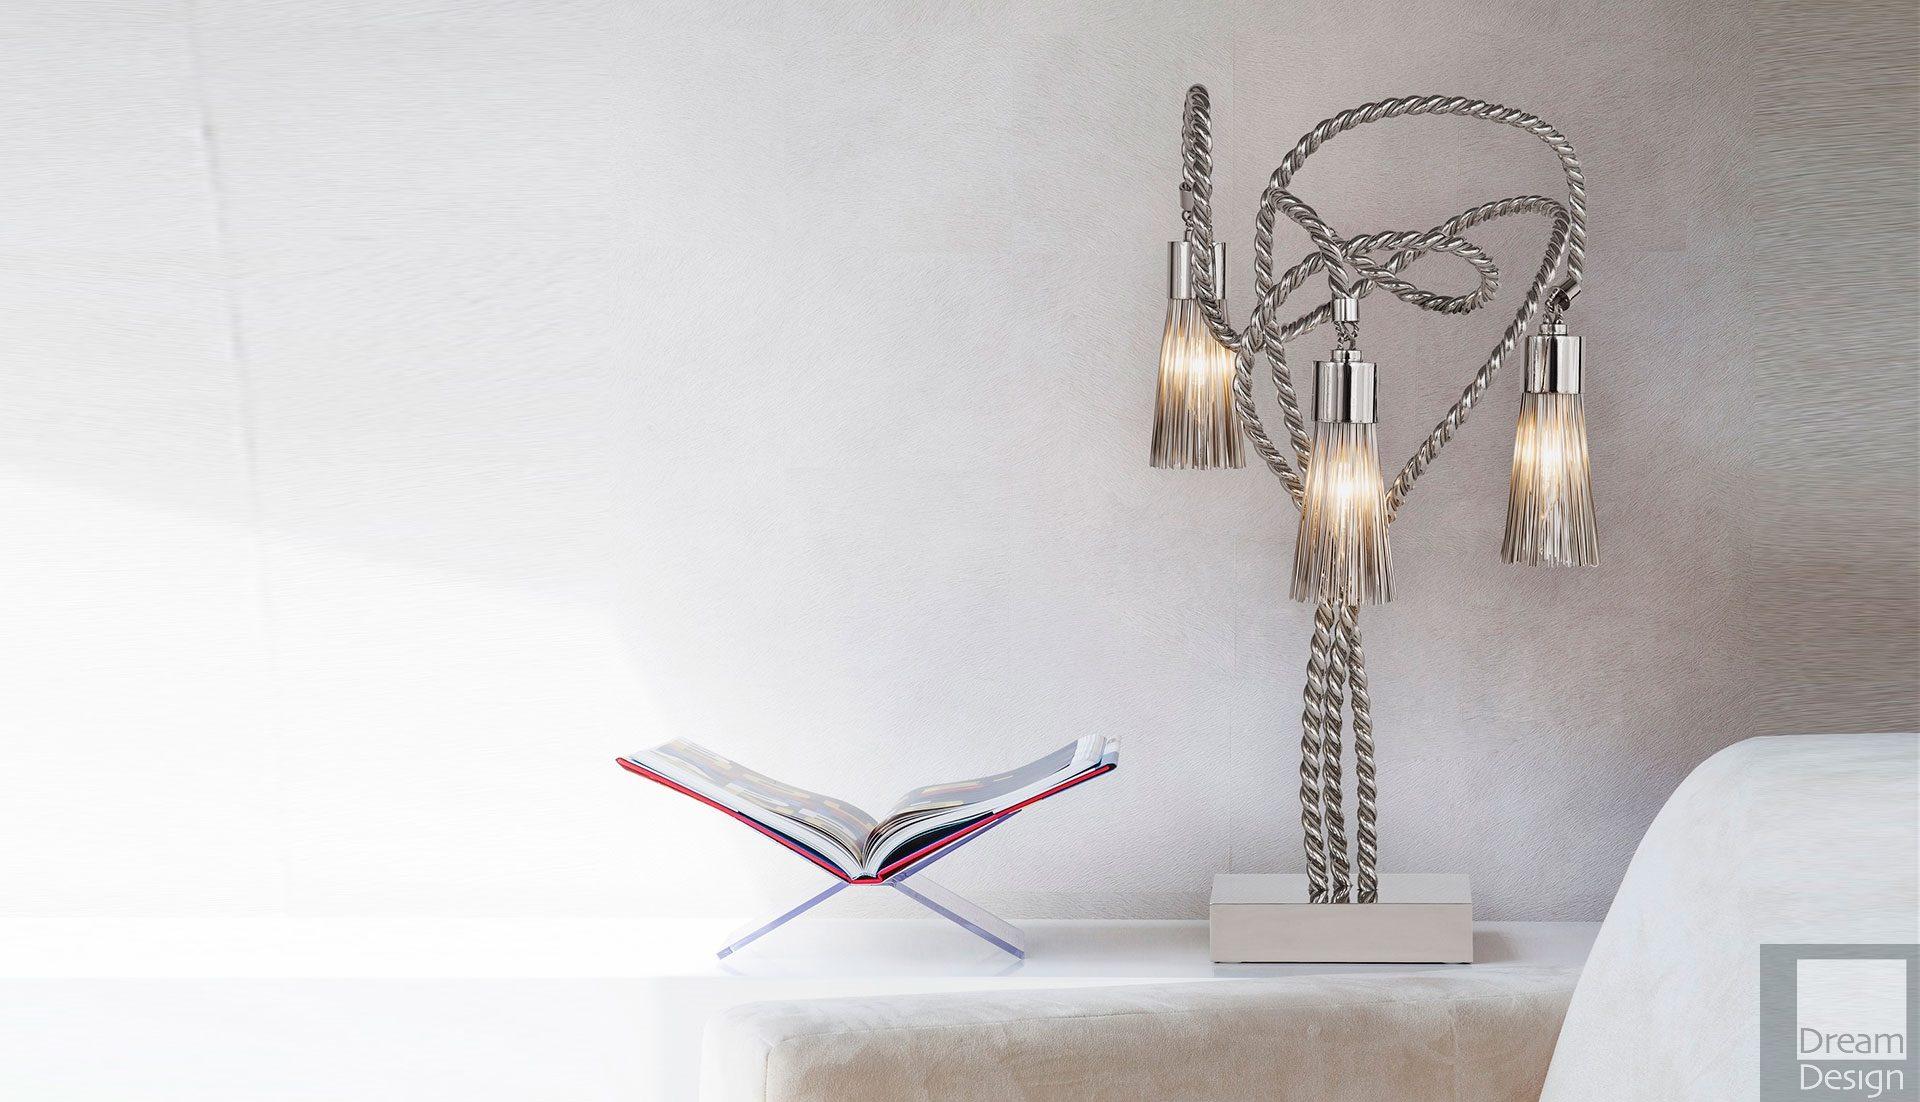 Brand Van Egmond Sultans of Swing Table Lamp